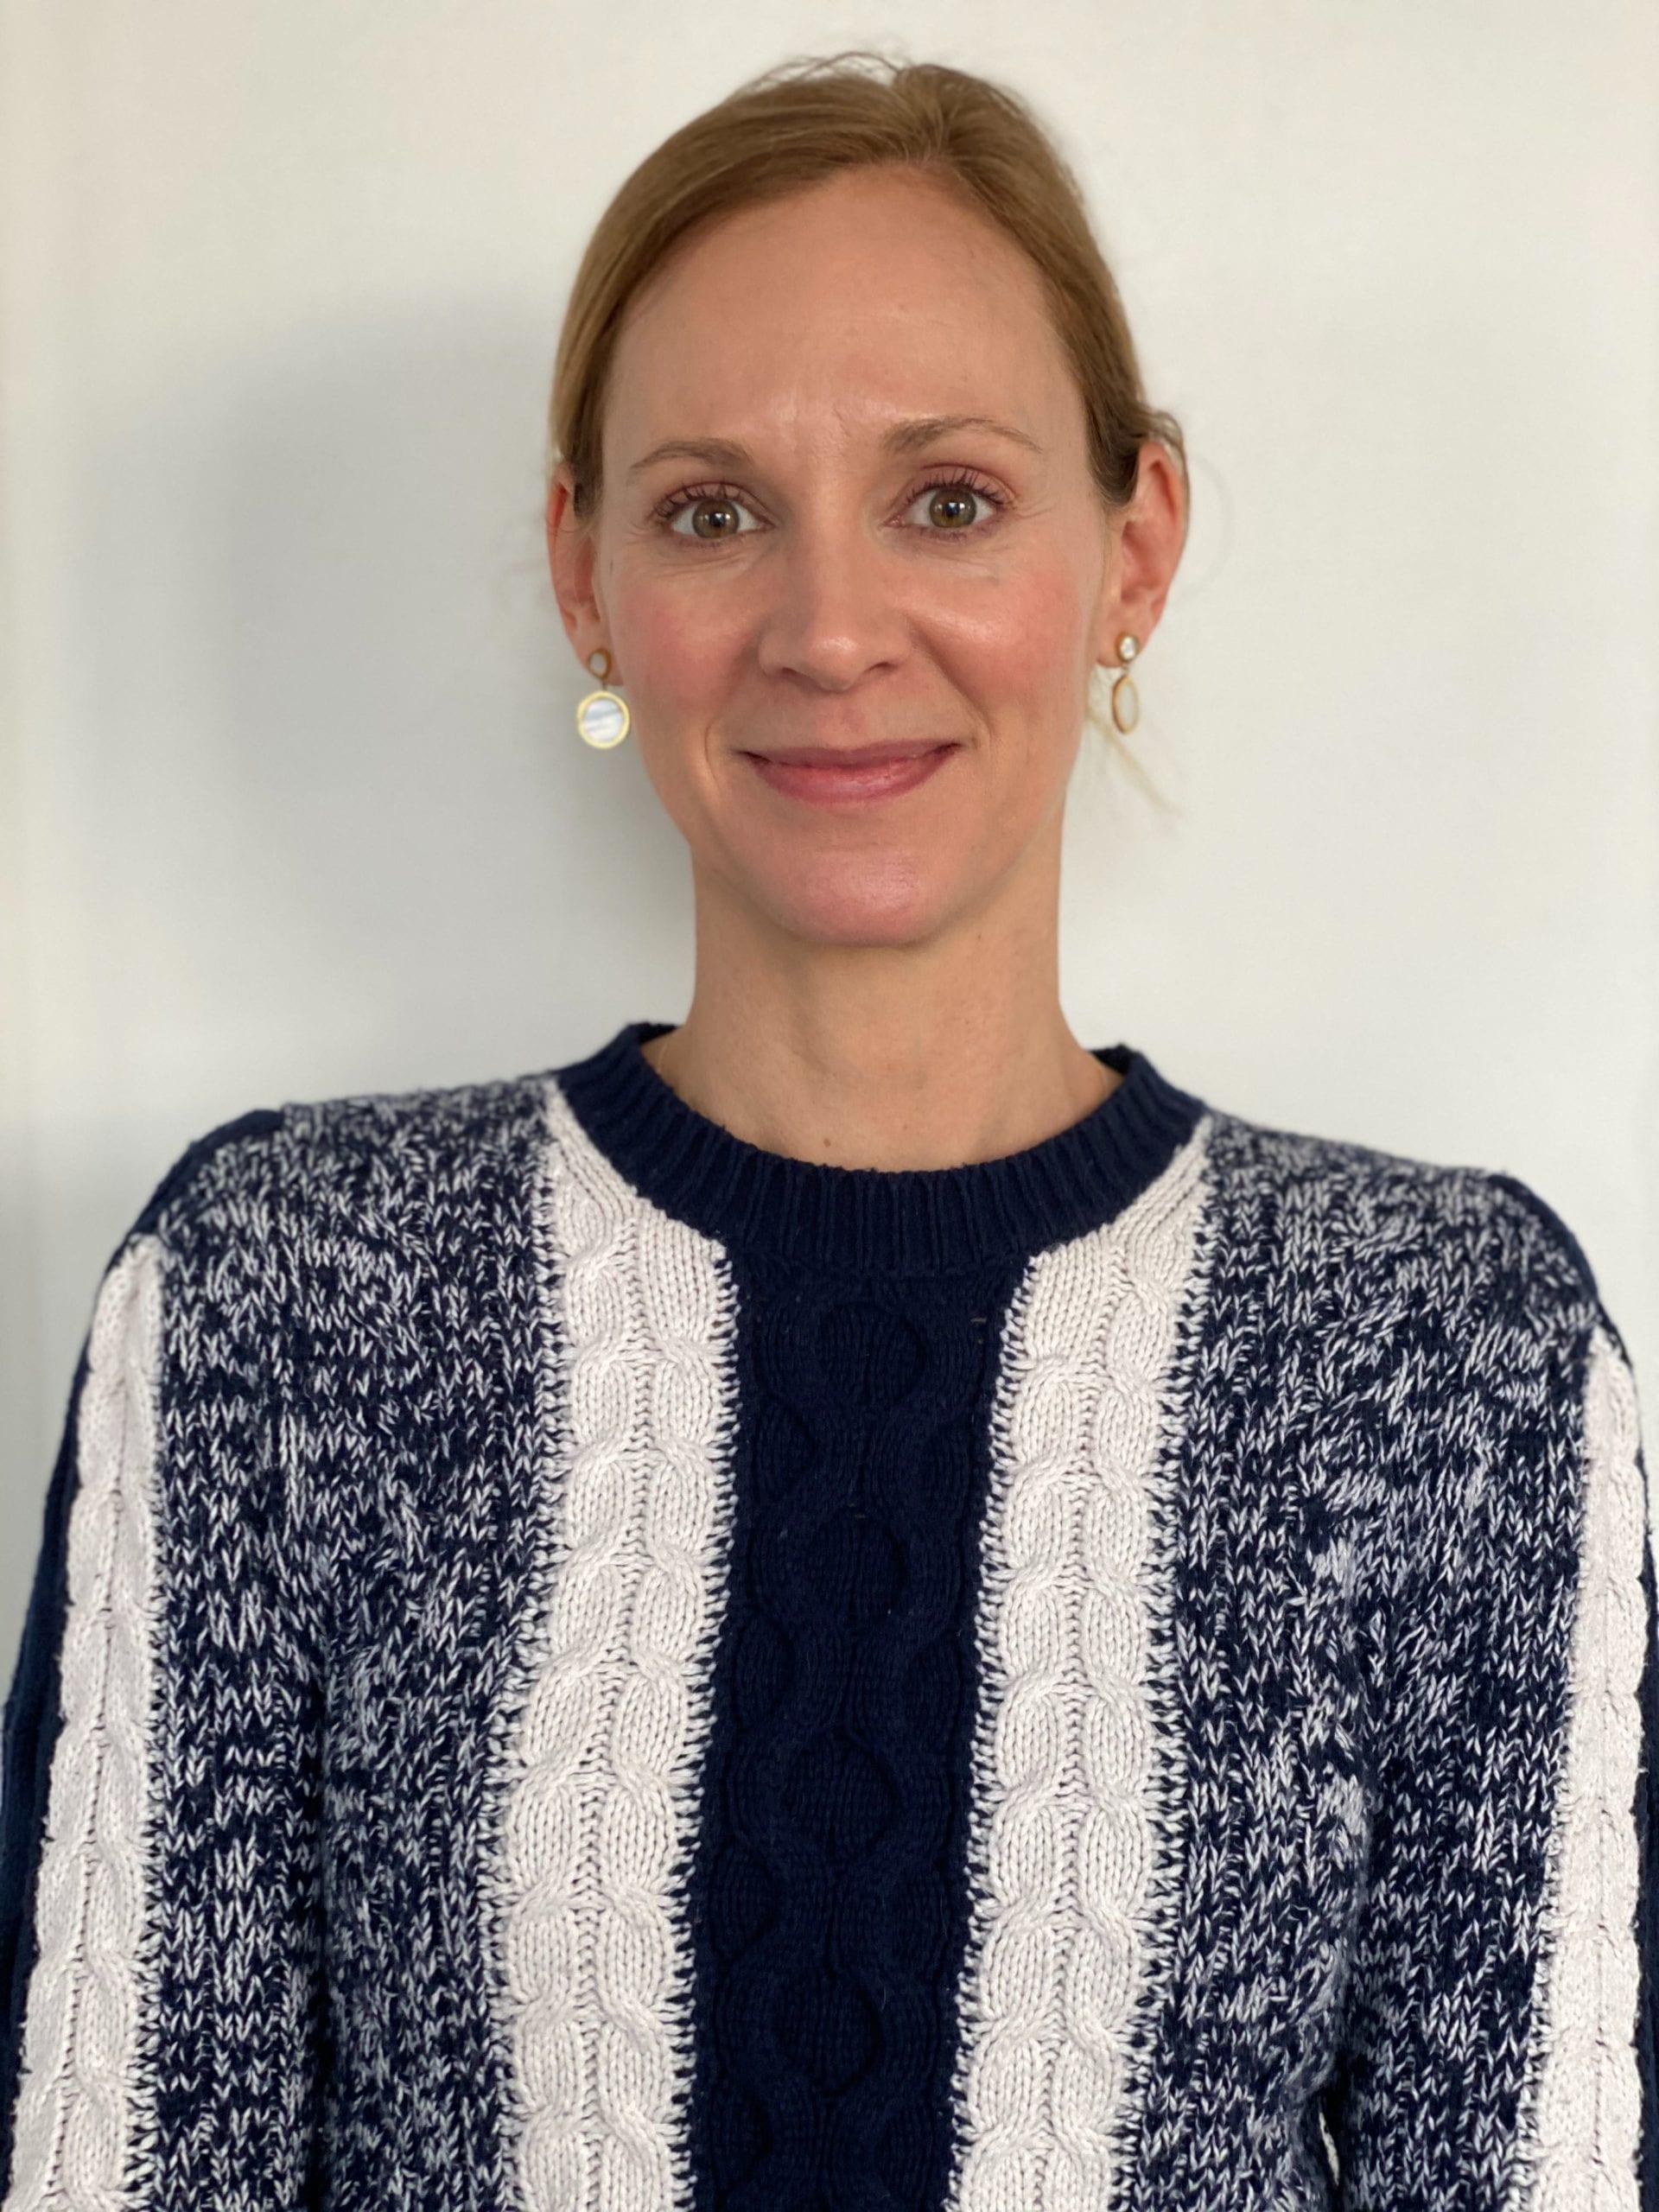 Κιμ Ντάστιν, διευθύντρια εσόδων της Artsy